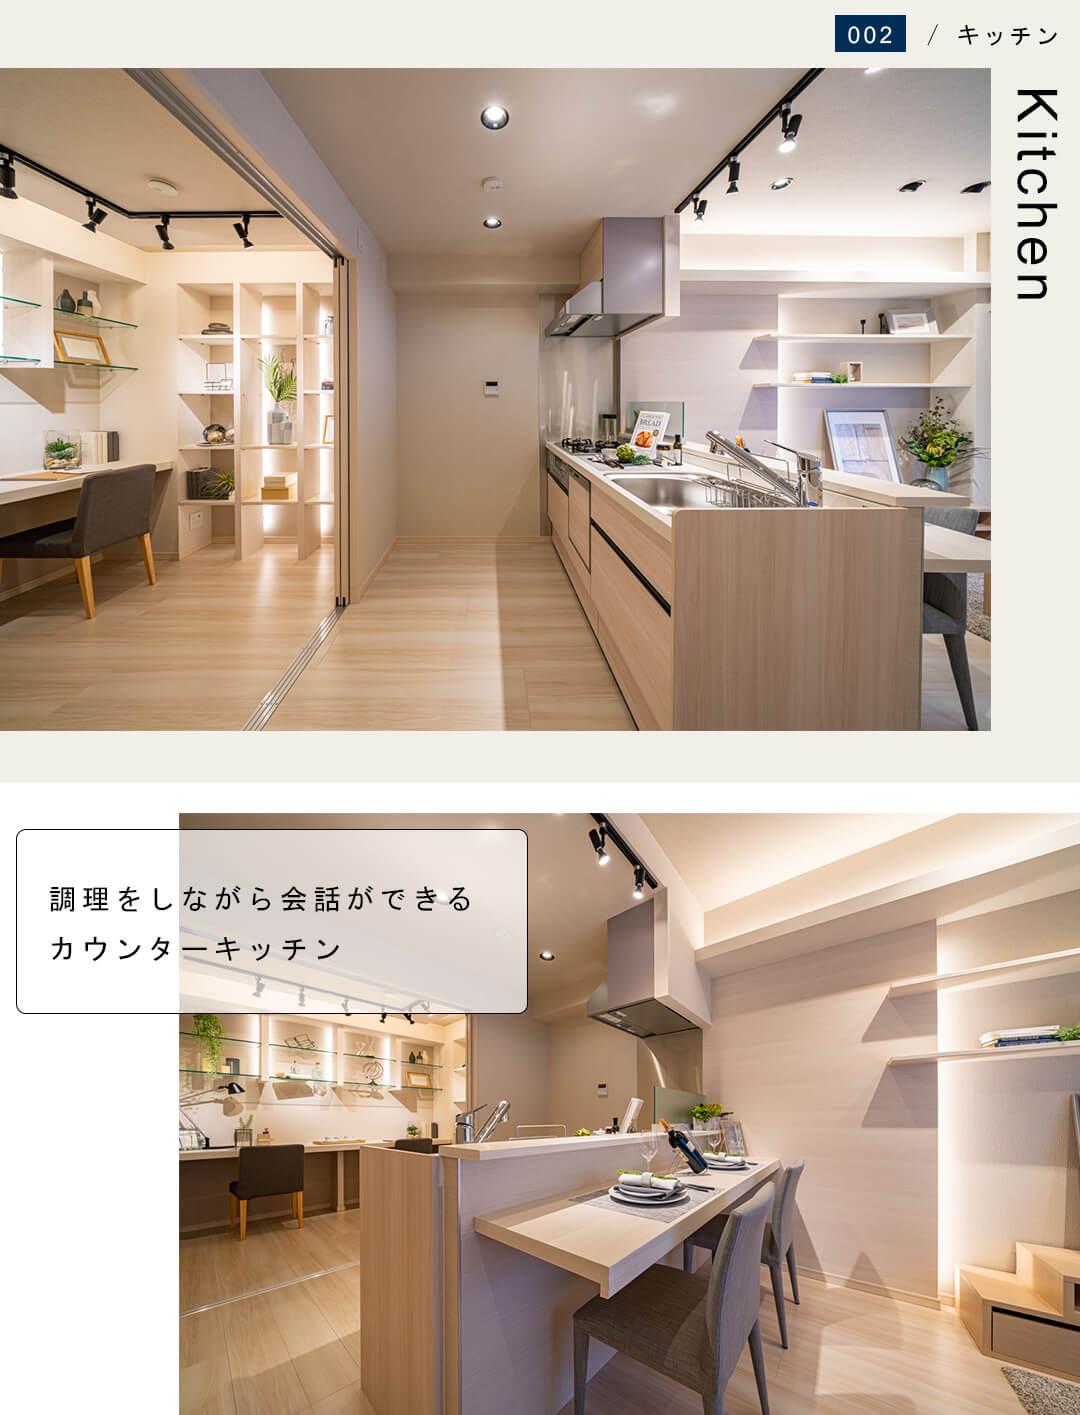 サンハイツ早稲田のキッチン